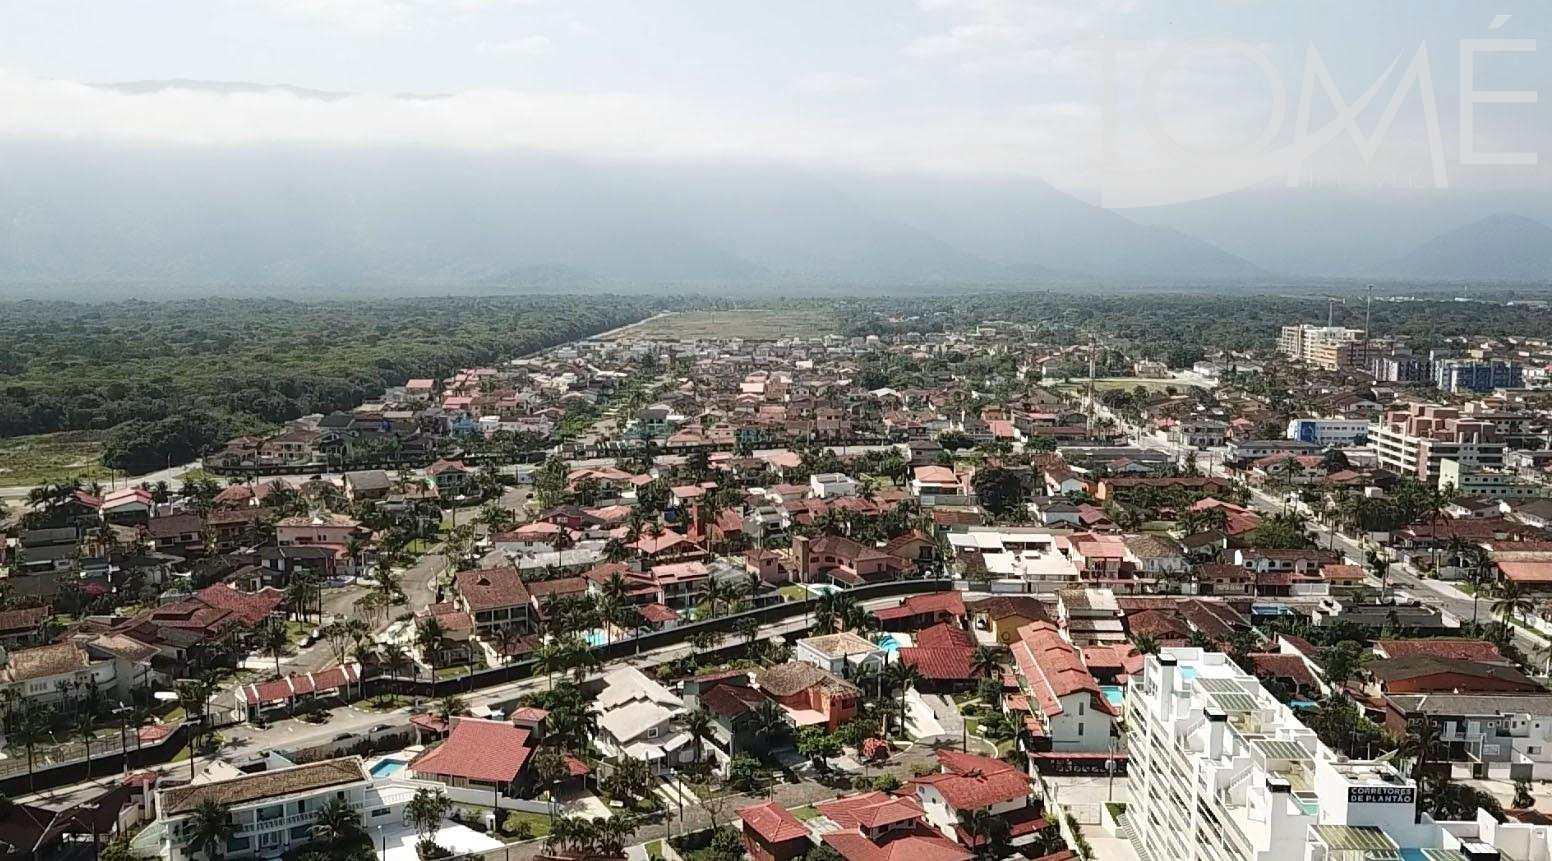 Vista aerea 02 Bougainville 3 e 4